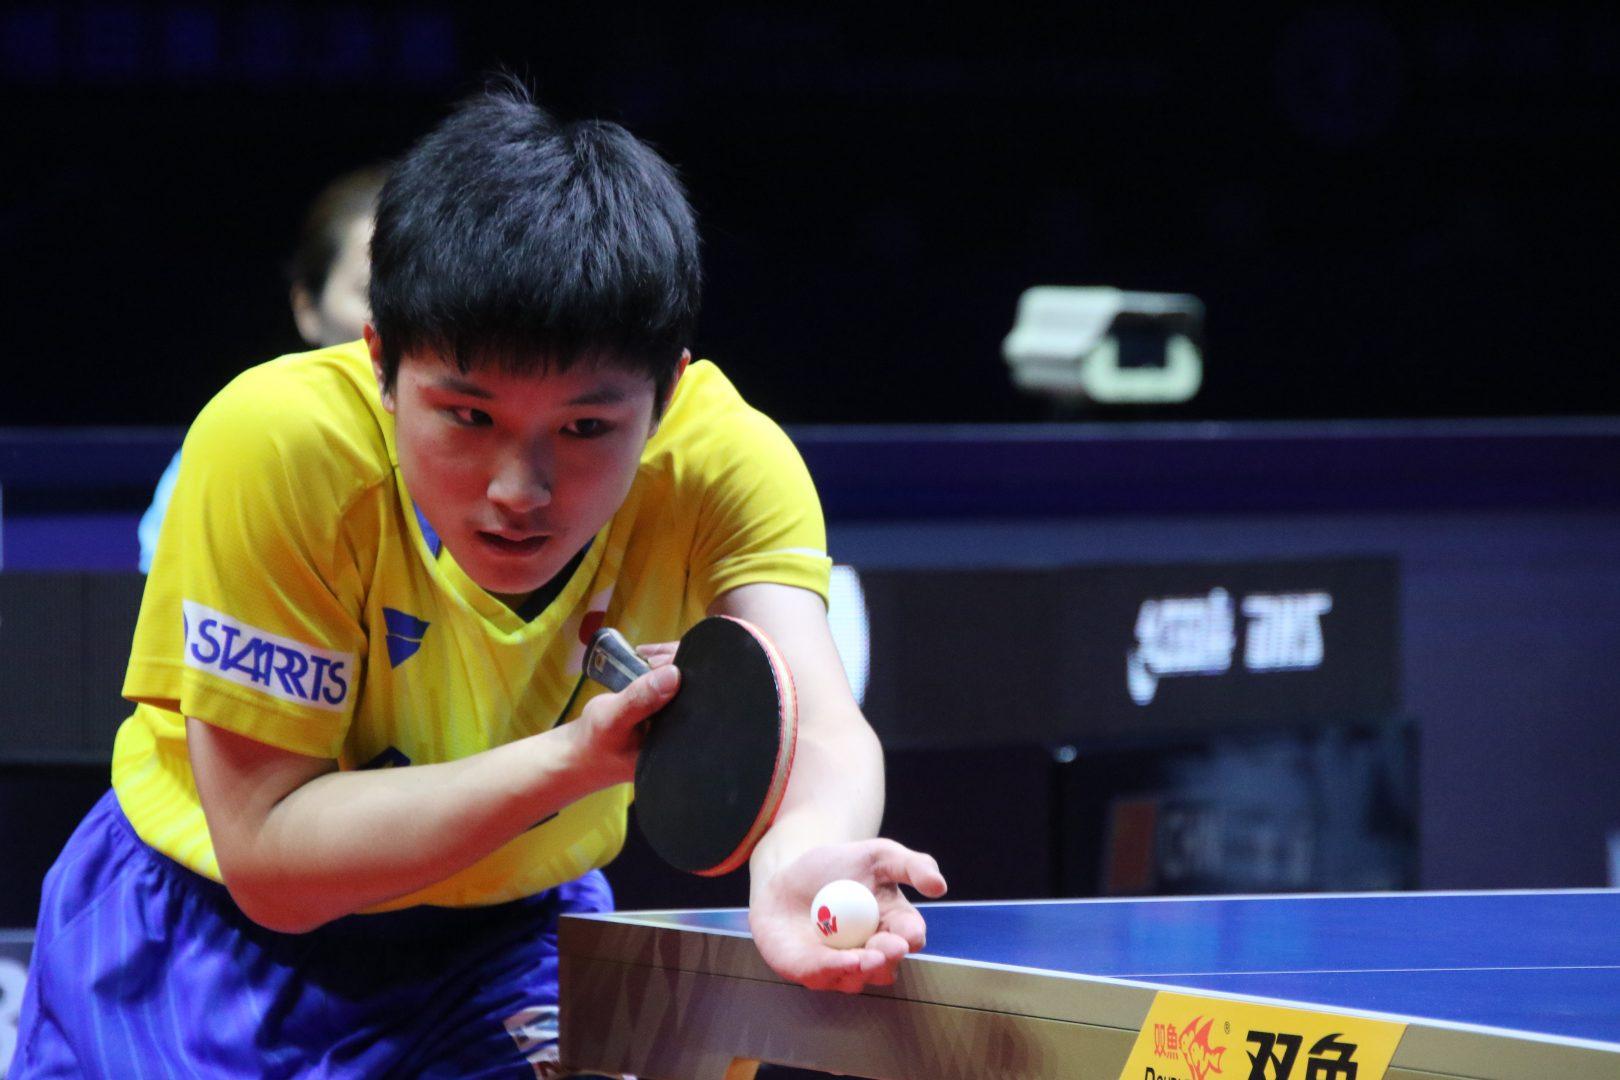 前回王者・張本、マッチポイント握るも世界ランク1位・許昕に惜敗<卓球・グランドファイナル>